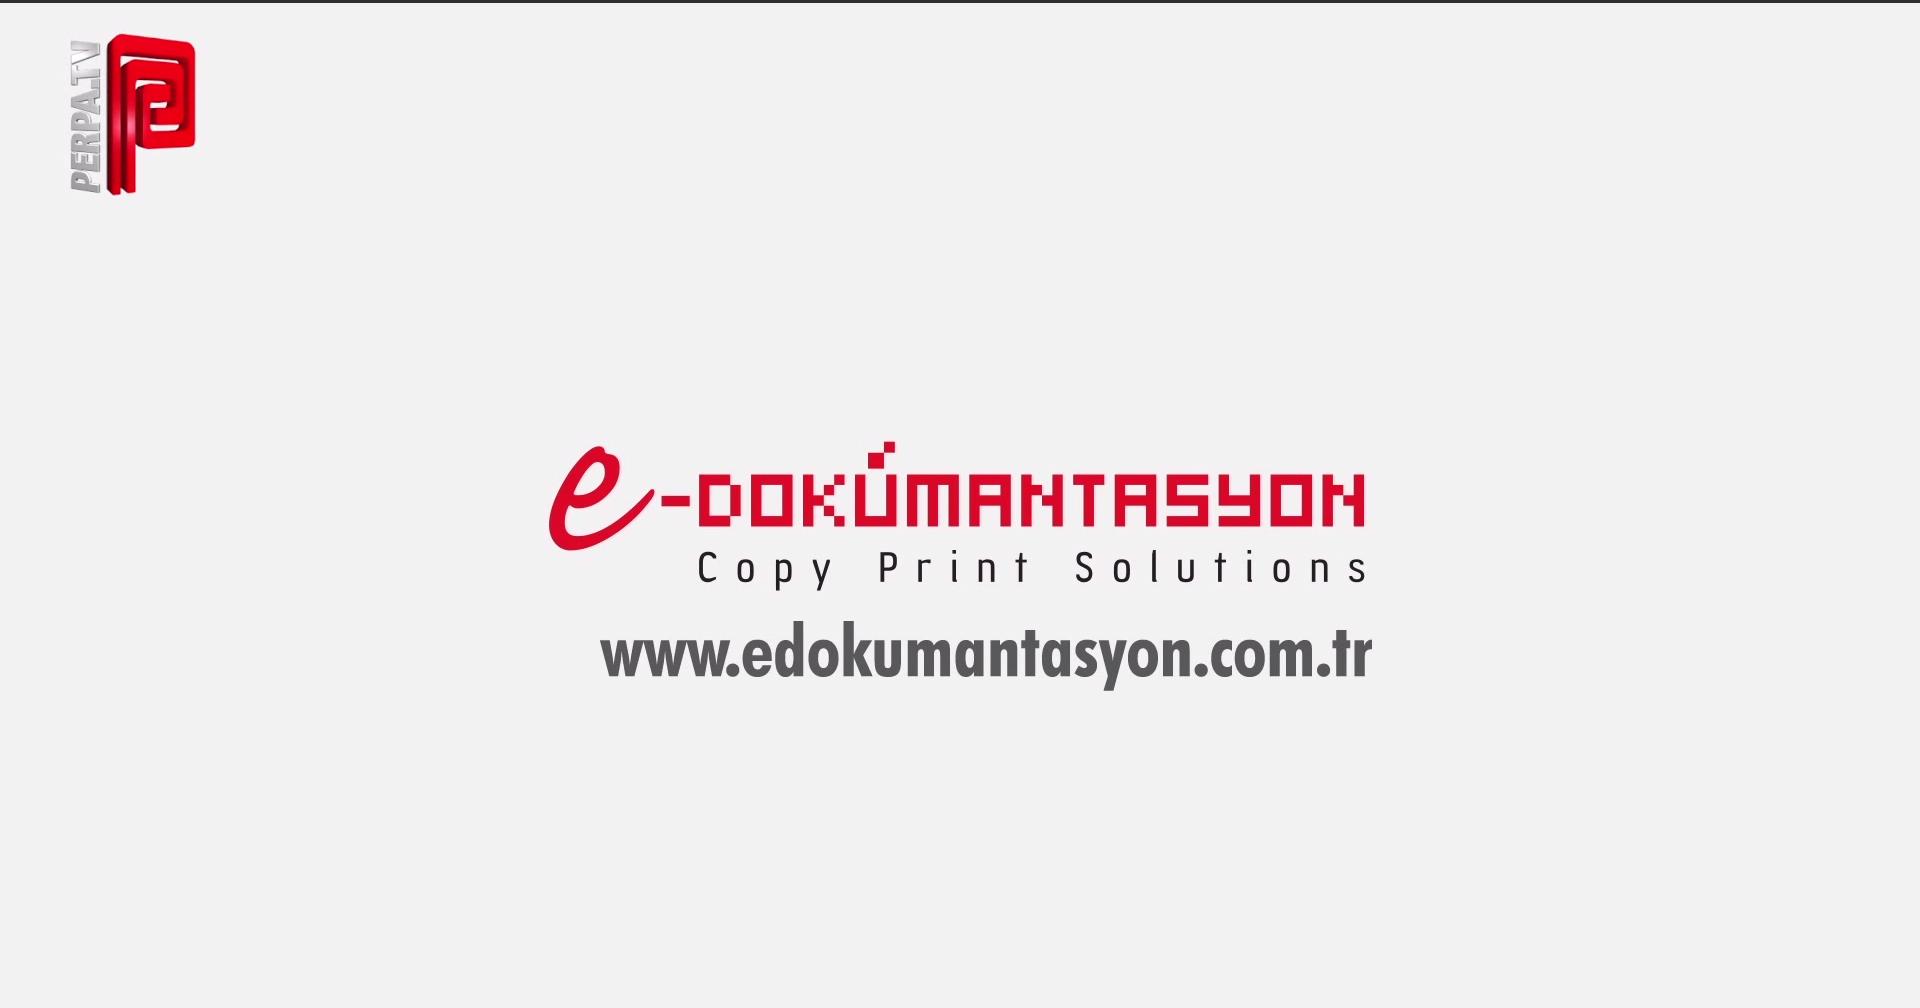 e_dokumantasyon